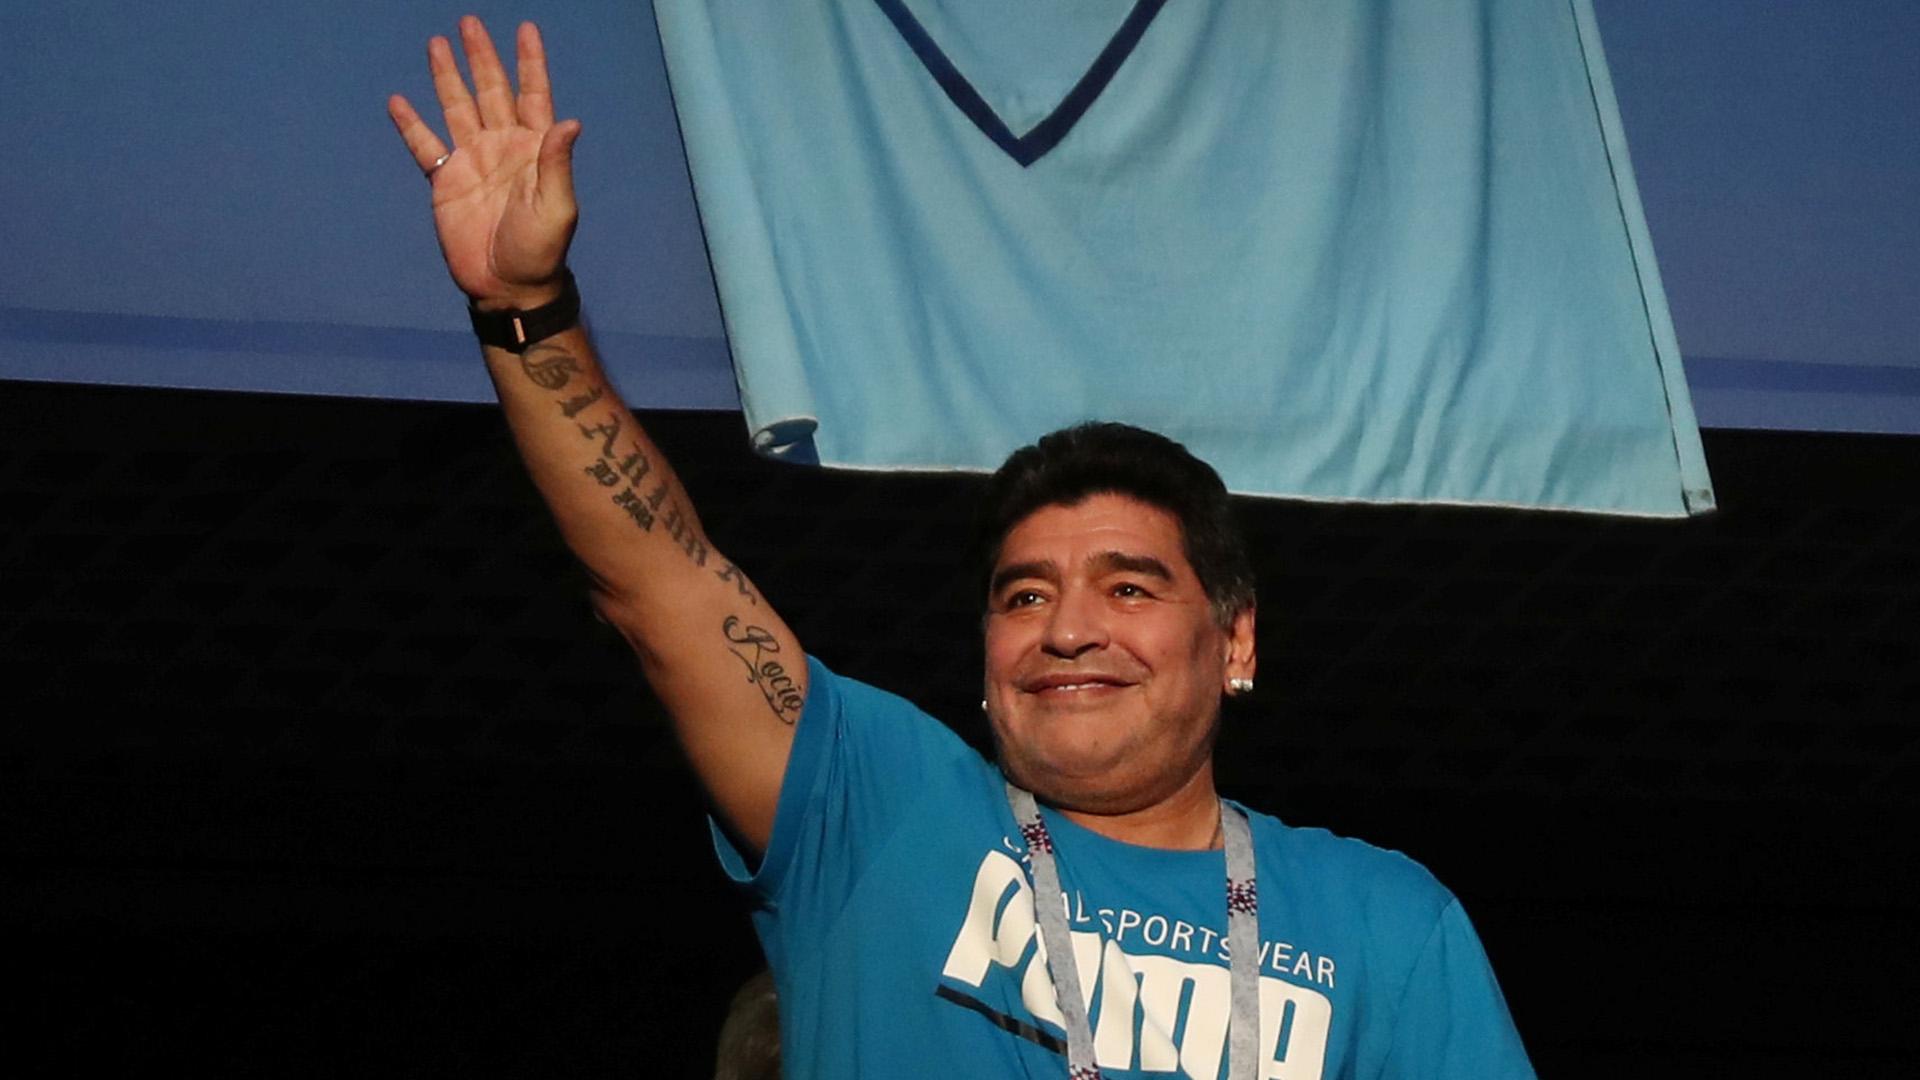 Mano arriba para agradecer la ovación de los miles de argentinos presentes en San Petersburgo